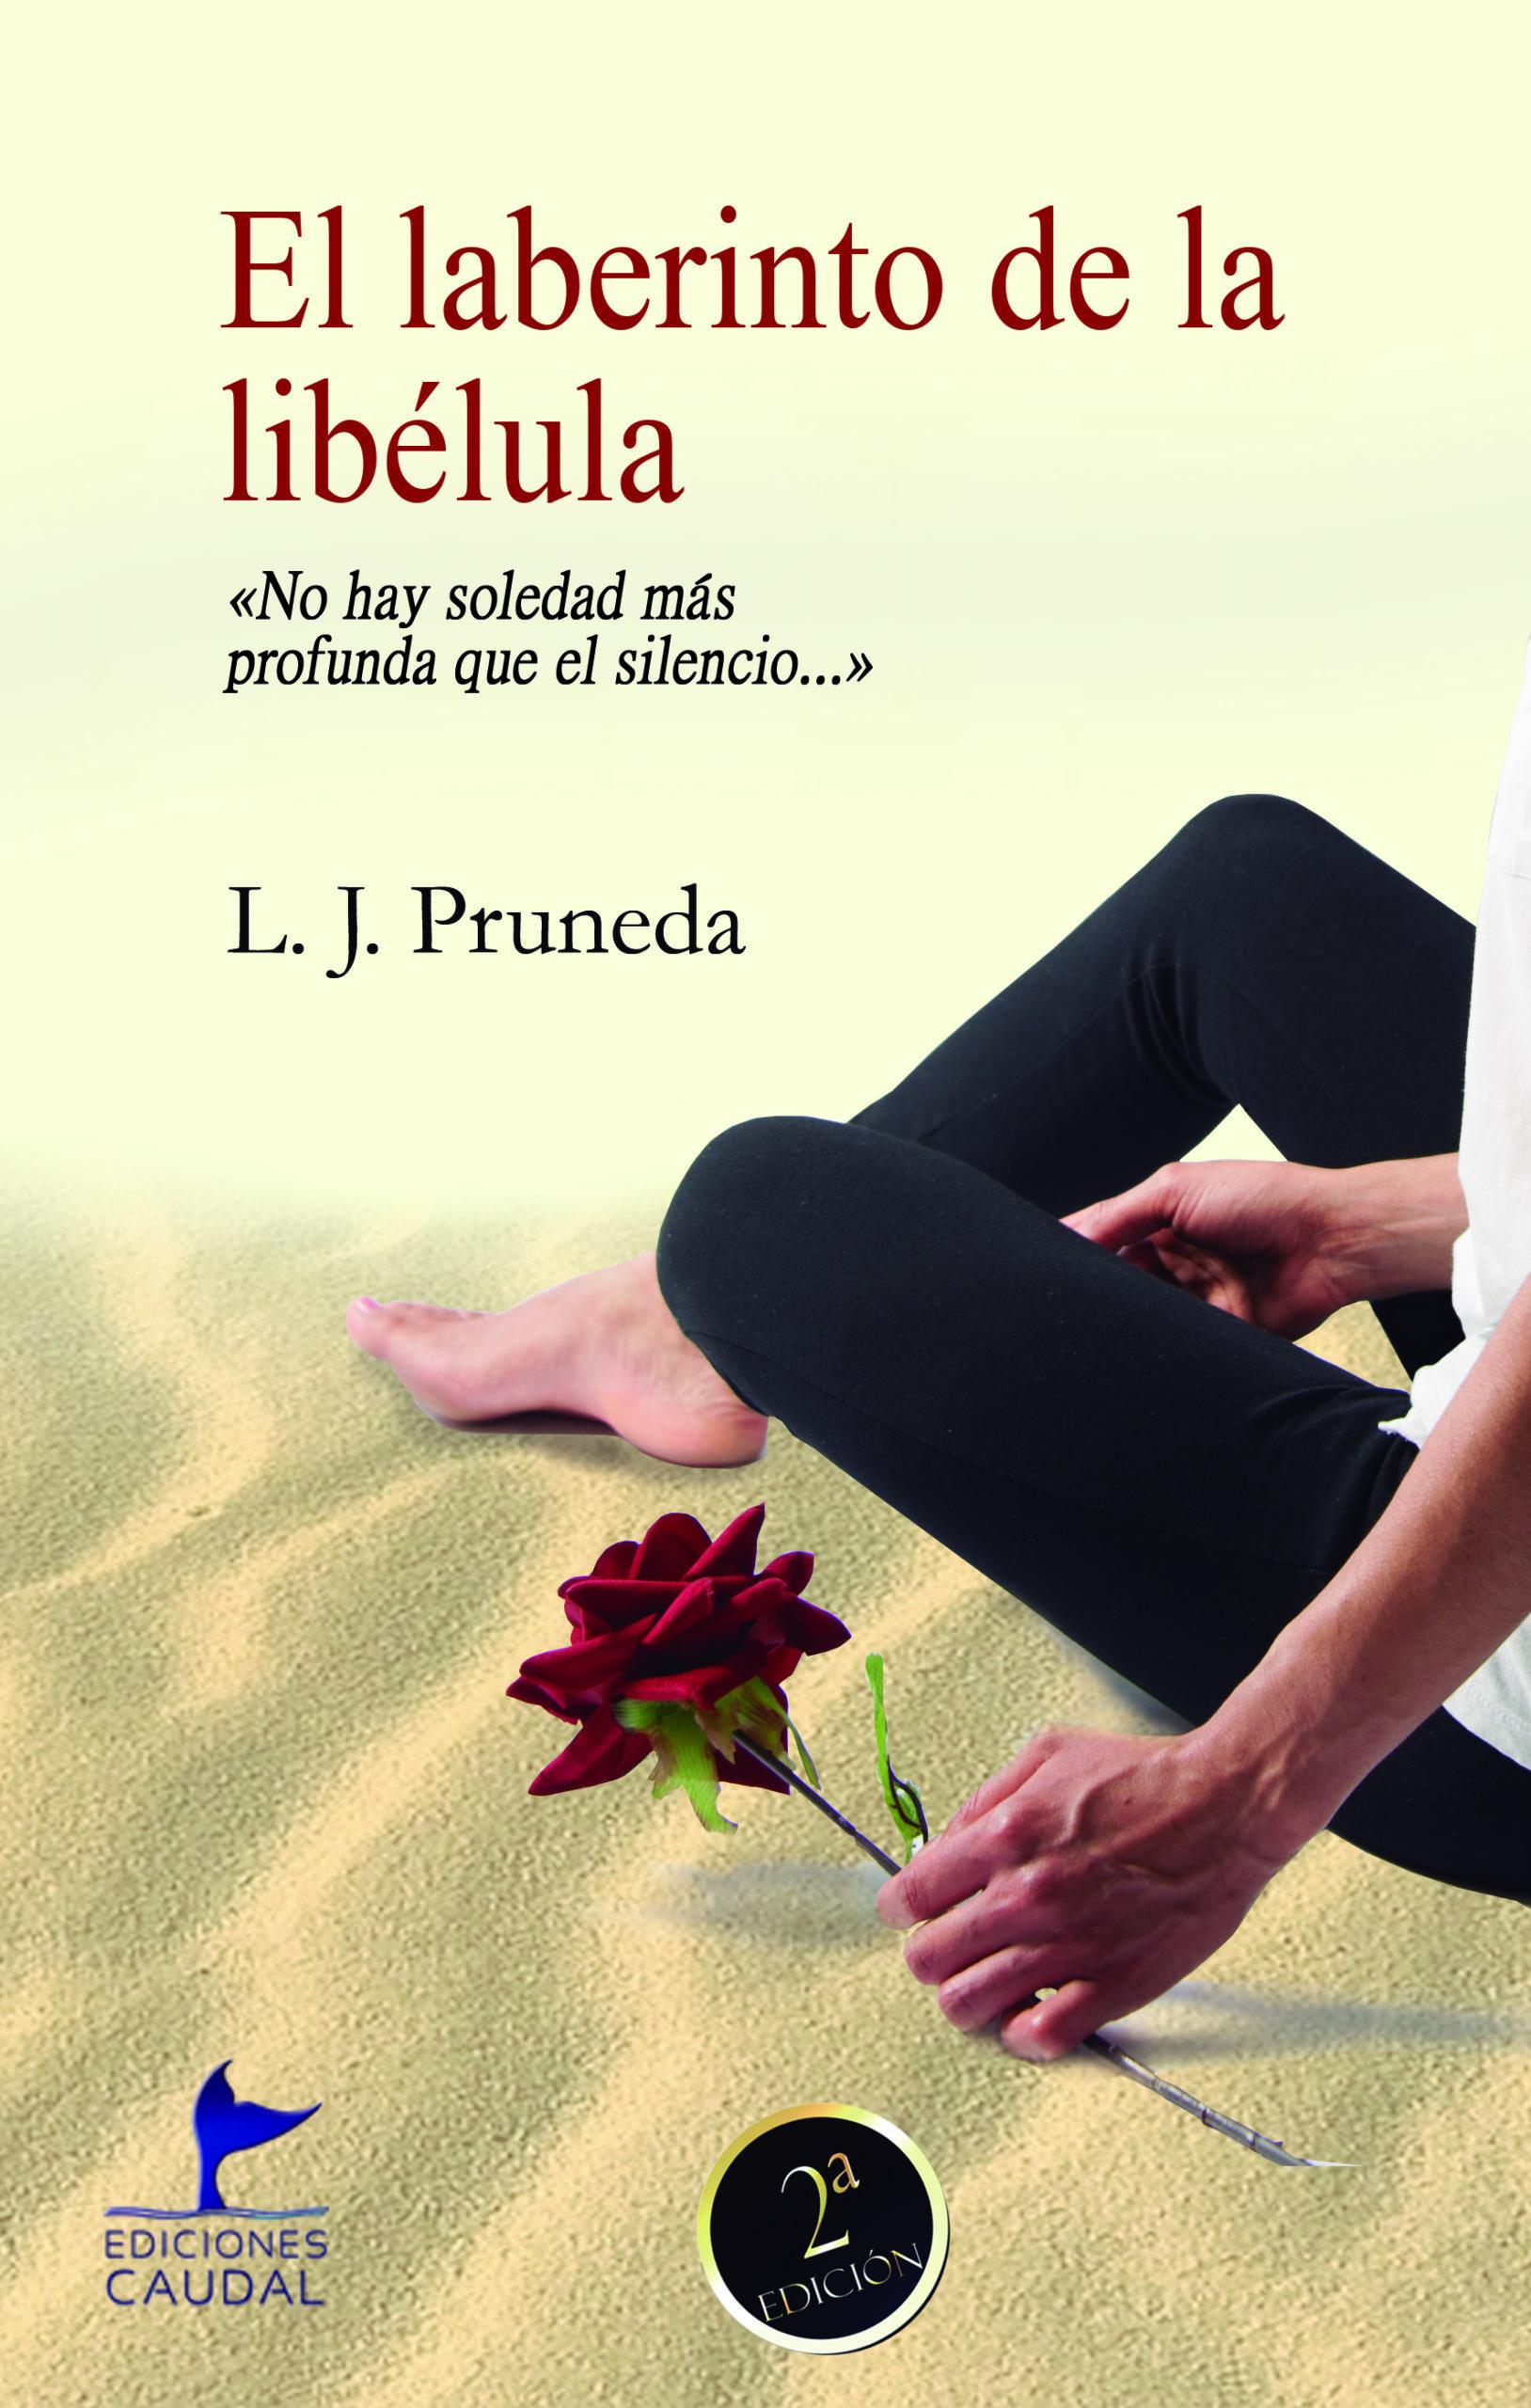 Grupos editoriales españoles. Libro El laberinto de la libélula